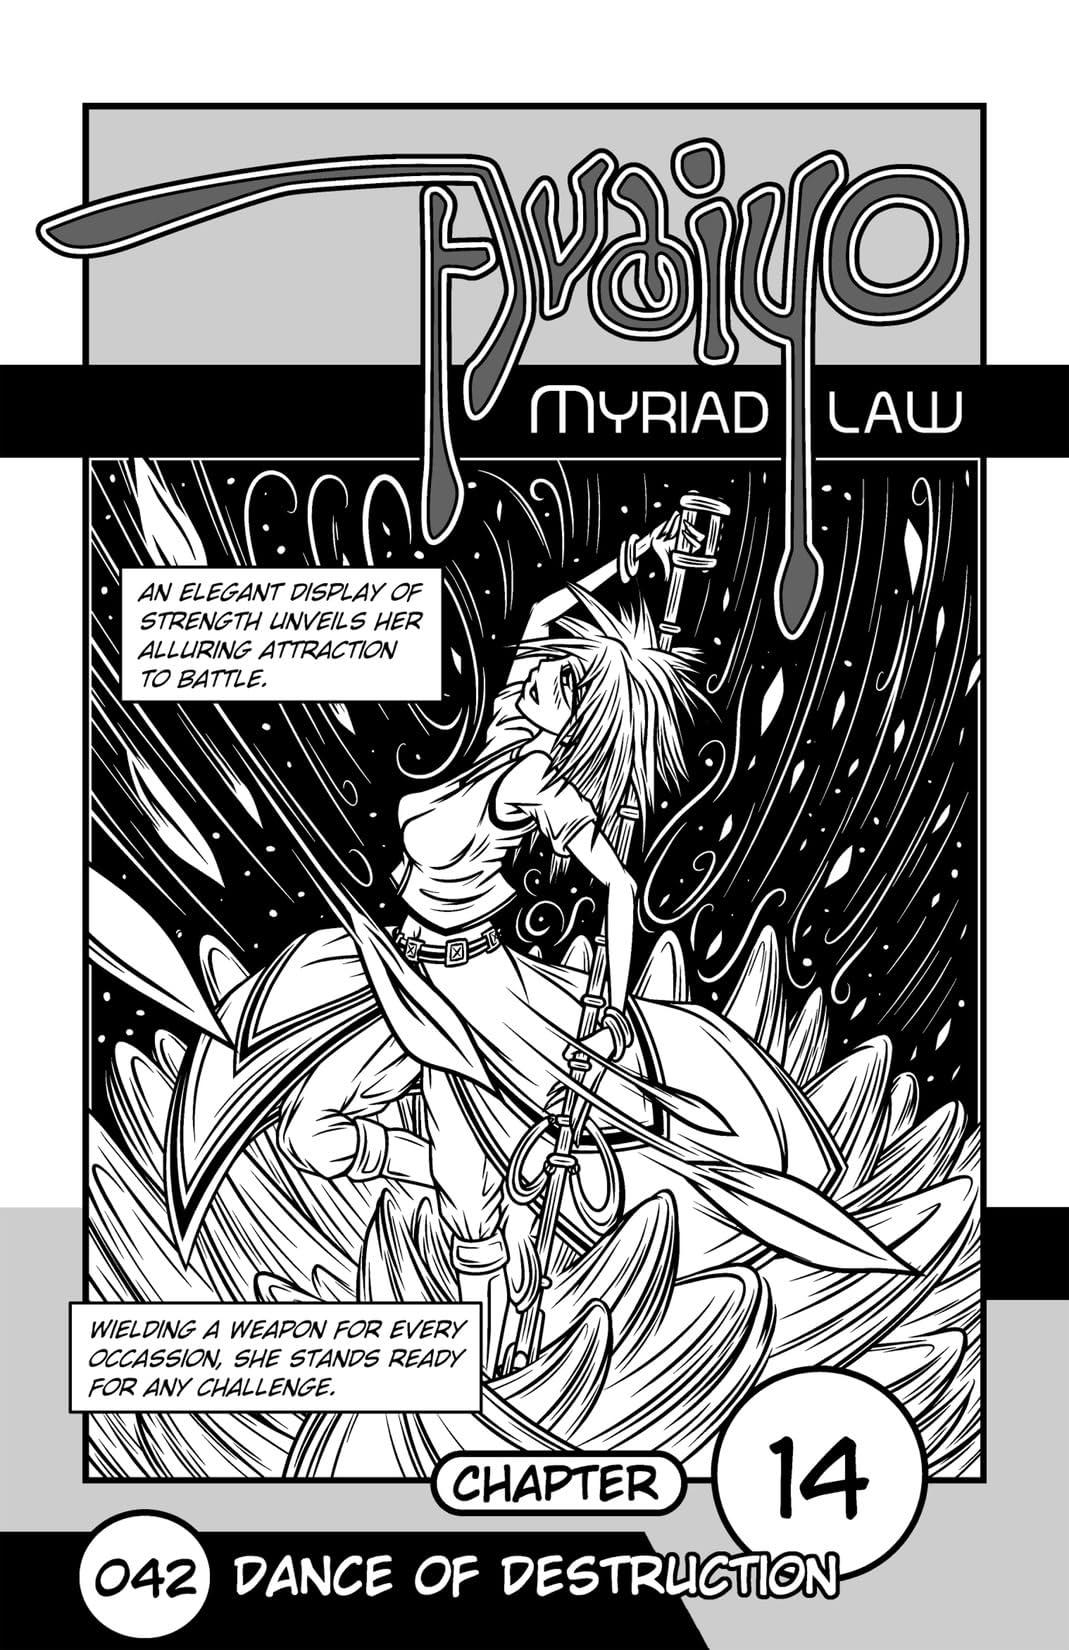 Avaiyo: Myriad Law #042